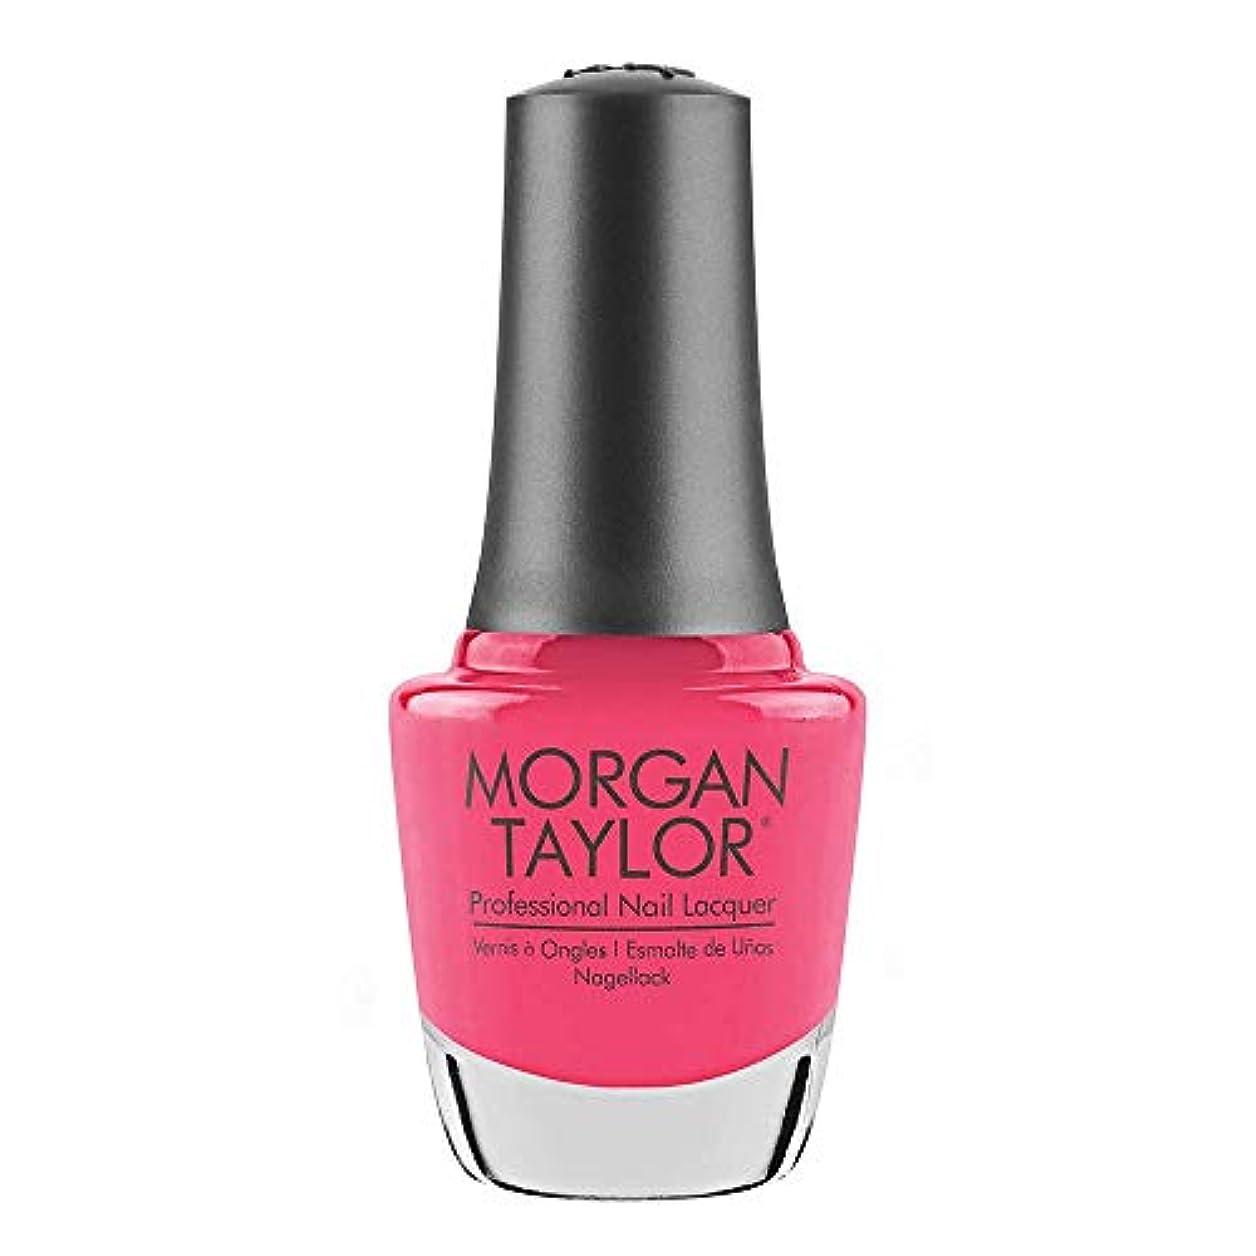 部門予想外衣装Morgan Taylor - Professional Nail Lacquer - Pretty As A Pink-ture - 15 mL / 0.5oz